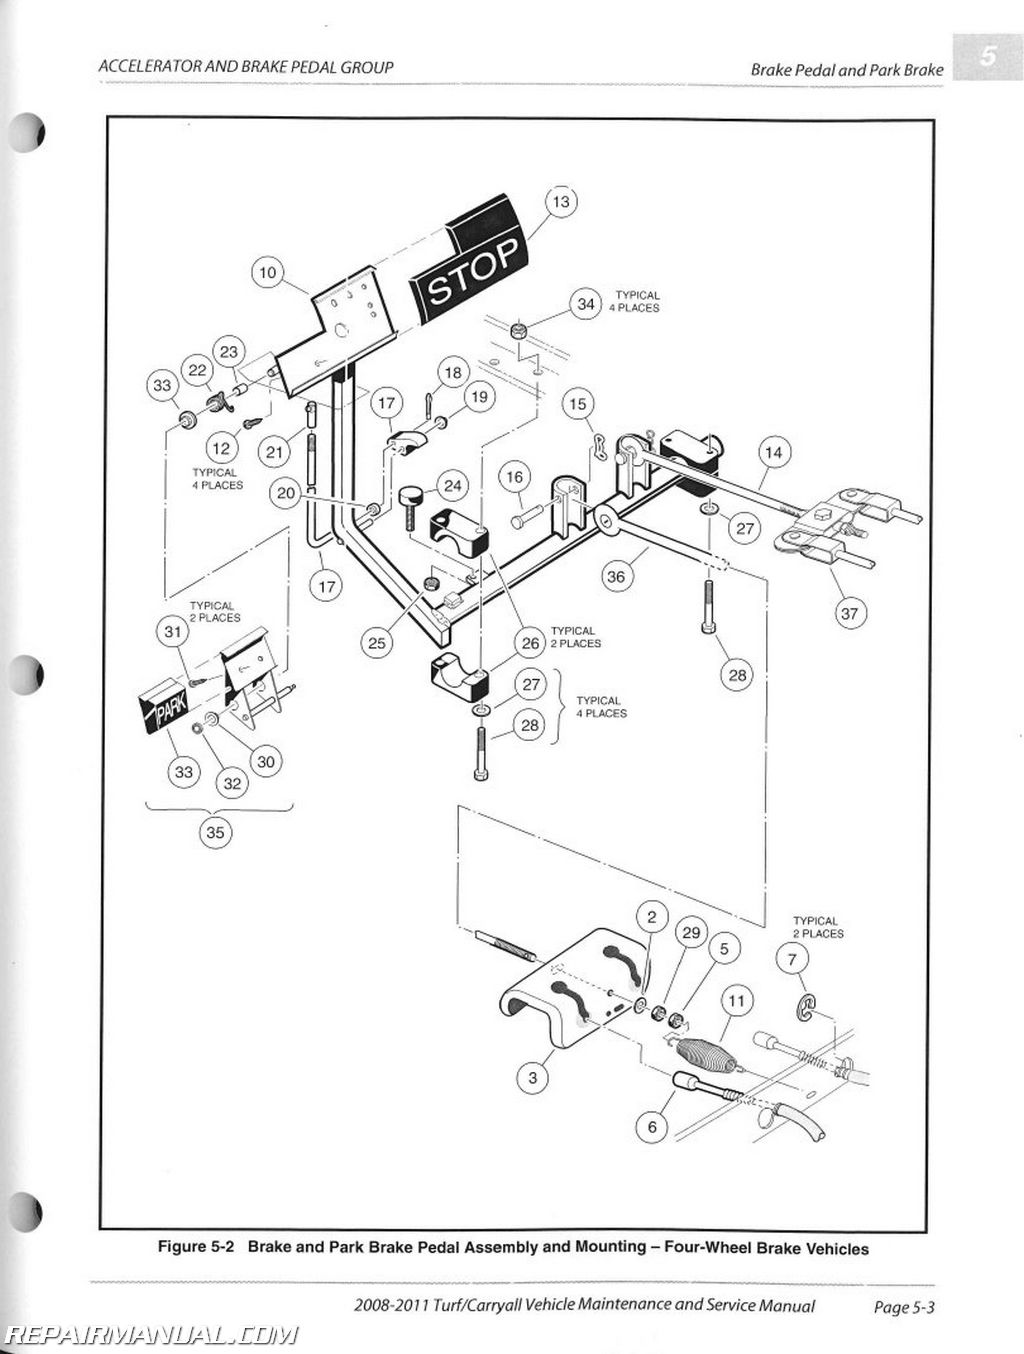 club car carryall 1 wiring diagram z3 wiring library diagramclub car turf 1 wiring diagram club car turf 1 wiring diagram 1993 club car